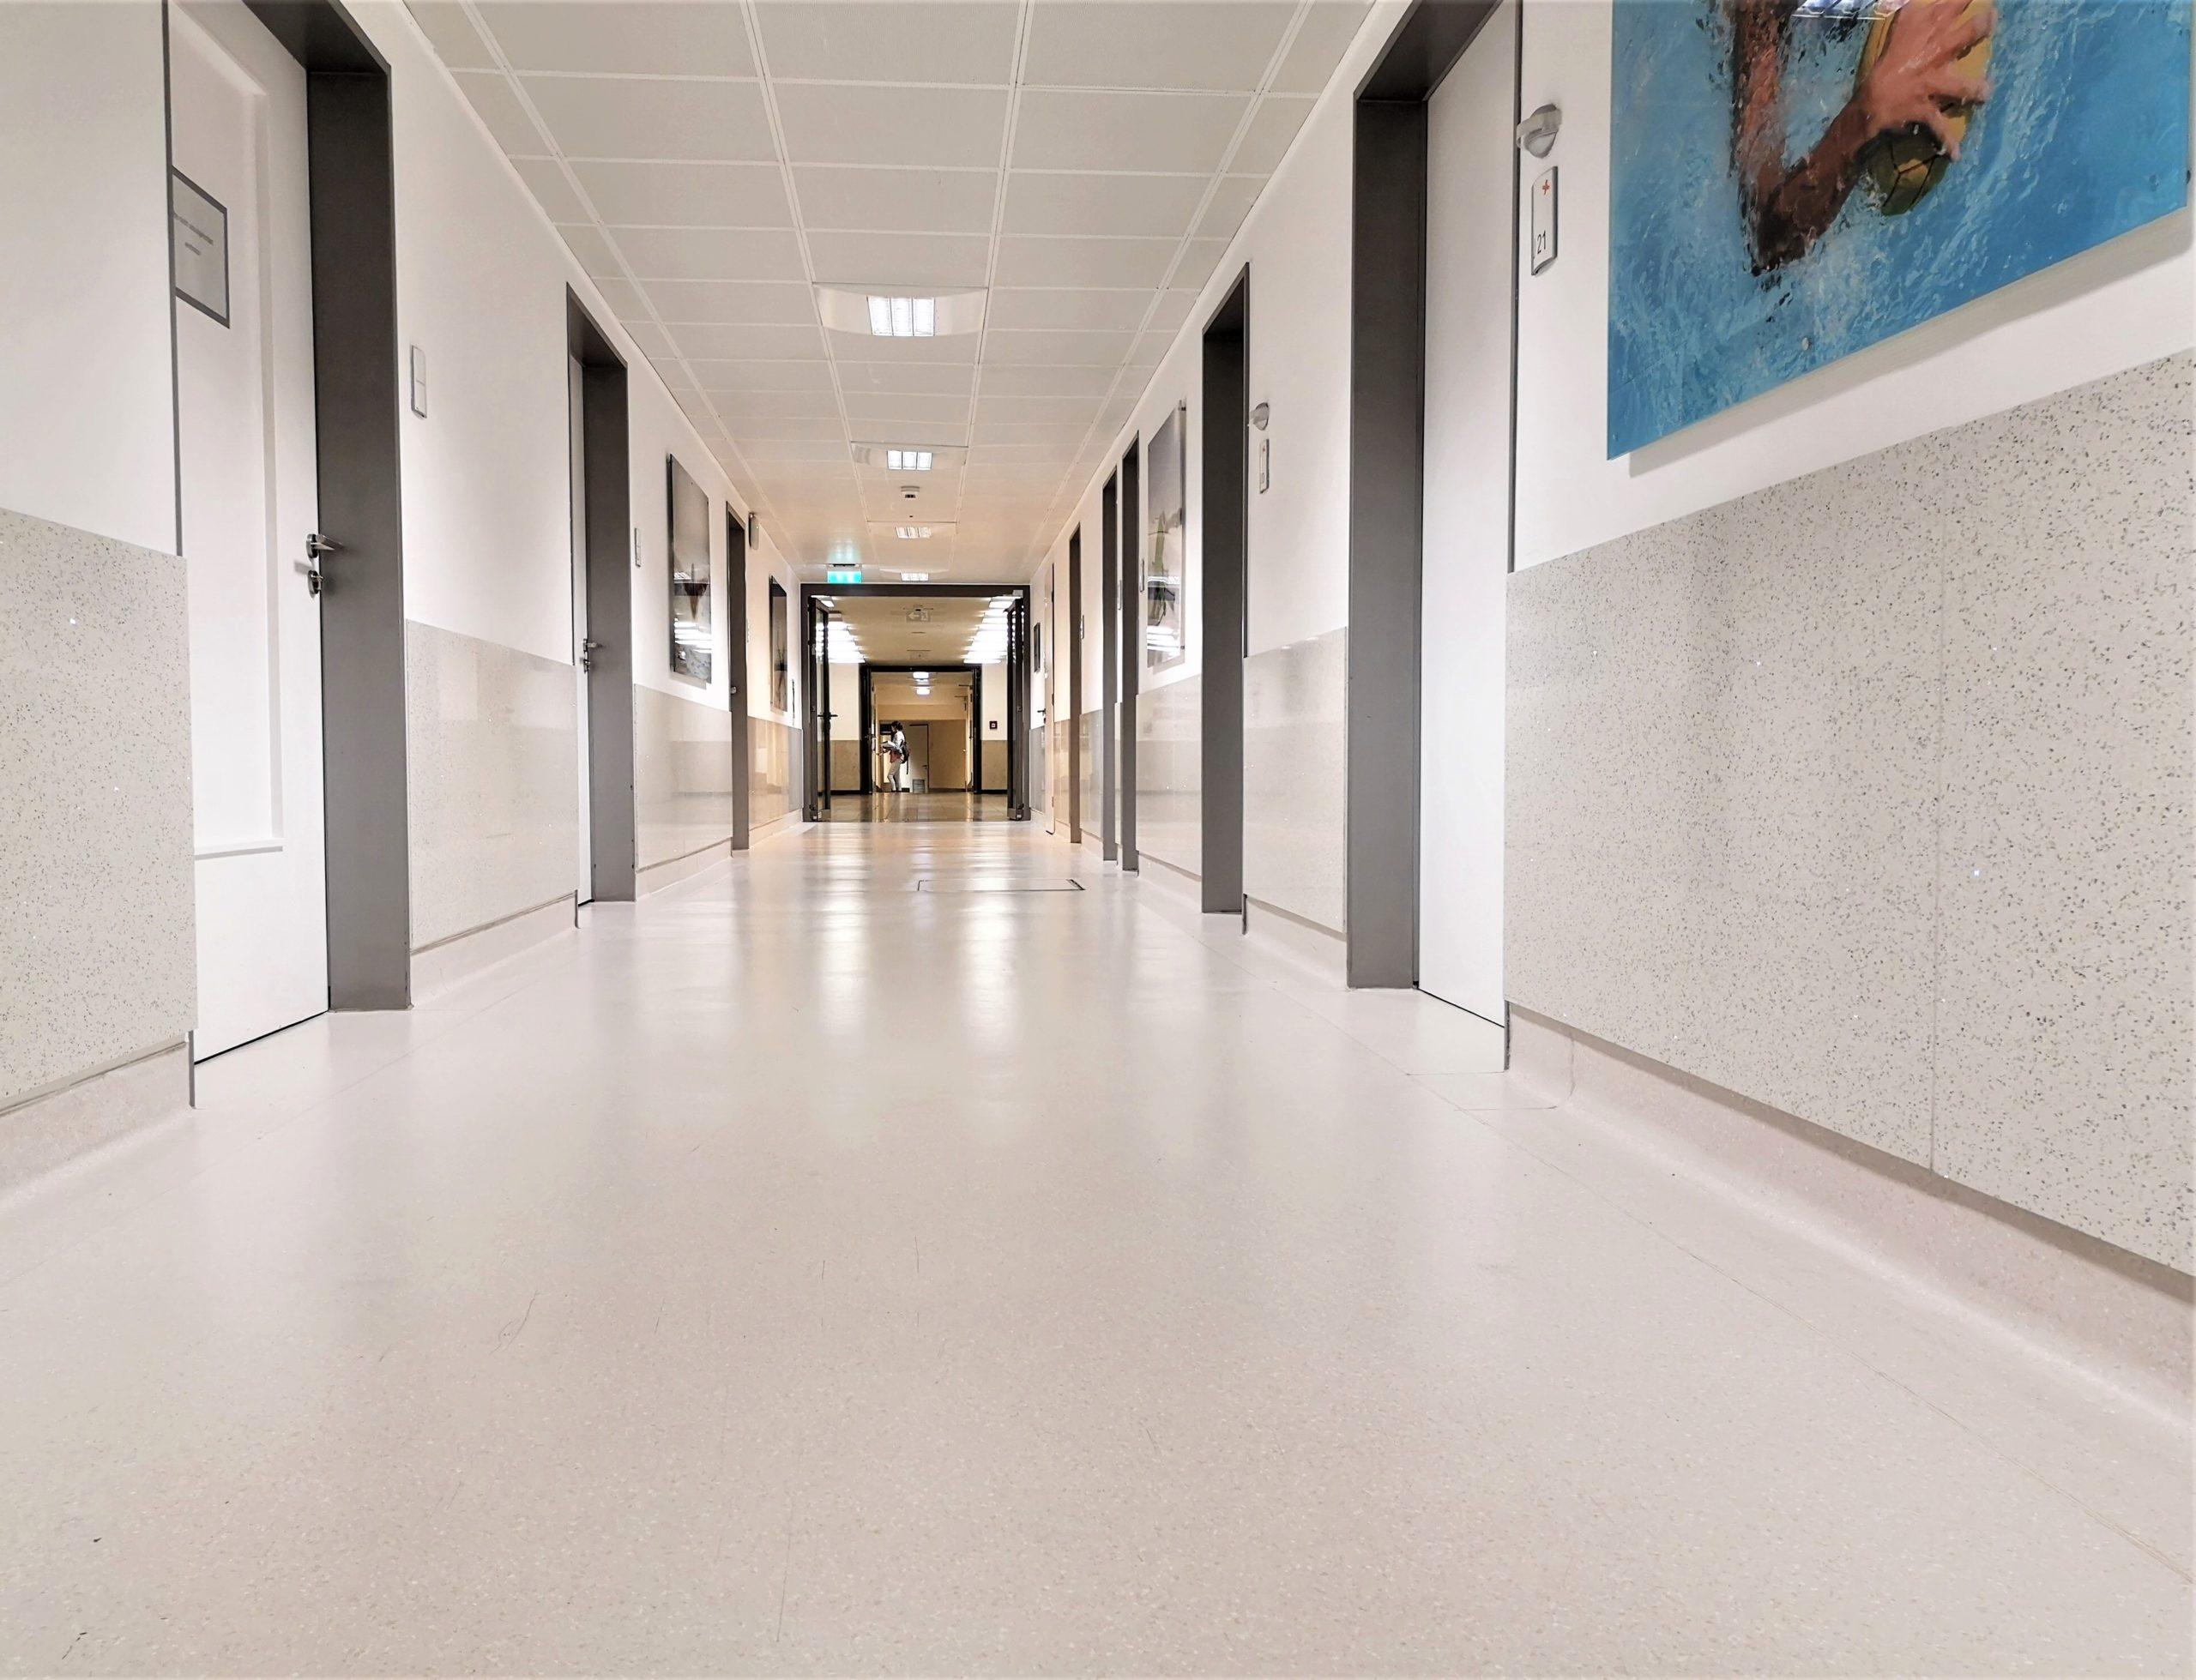 Wandverkleidung-Rammschutzplatten-hell-Flur-einfache-Reinigung